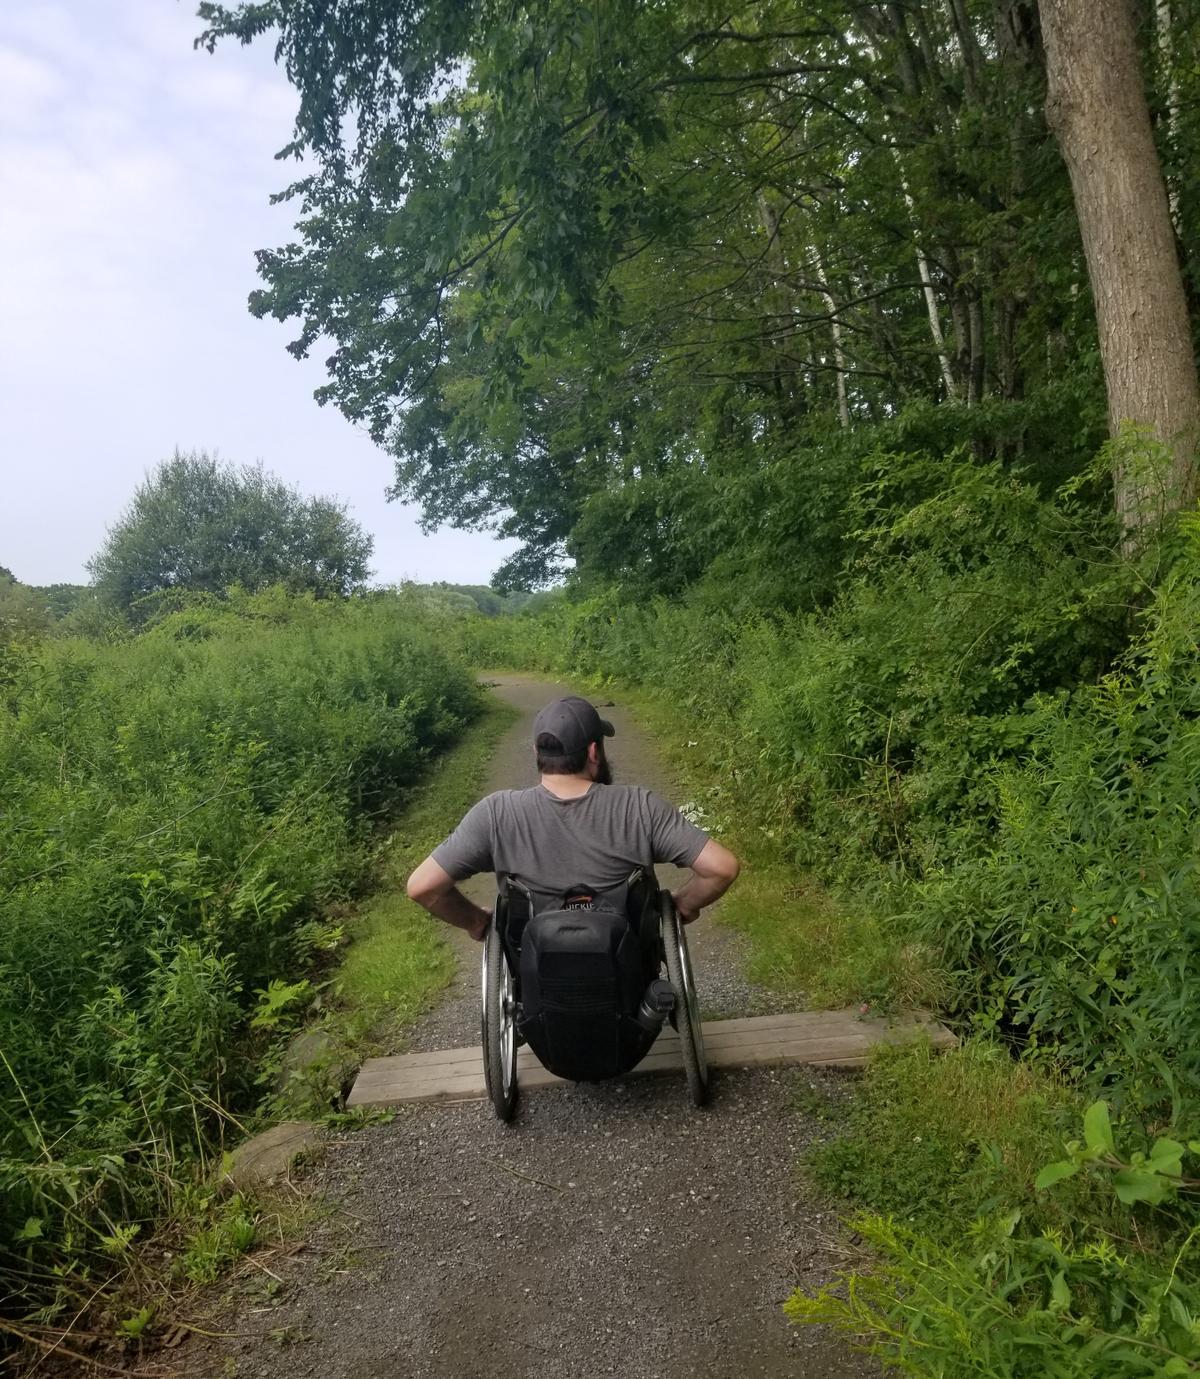 Enock crossing a short boardwalk on Eleanor's Trail. Photo credit: Enock Glidden